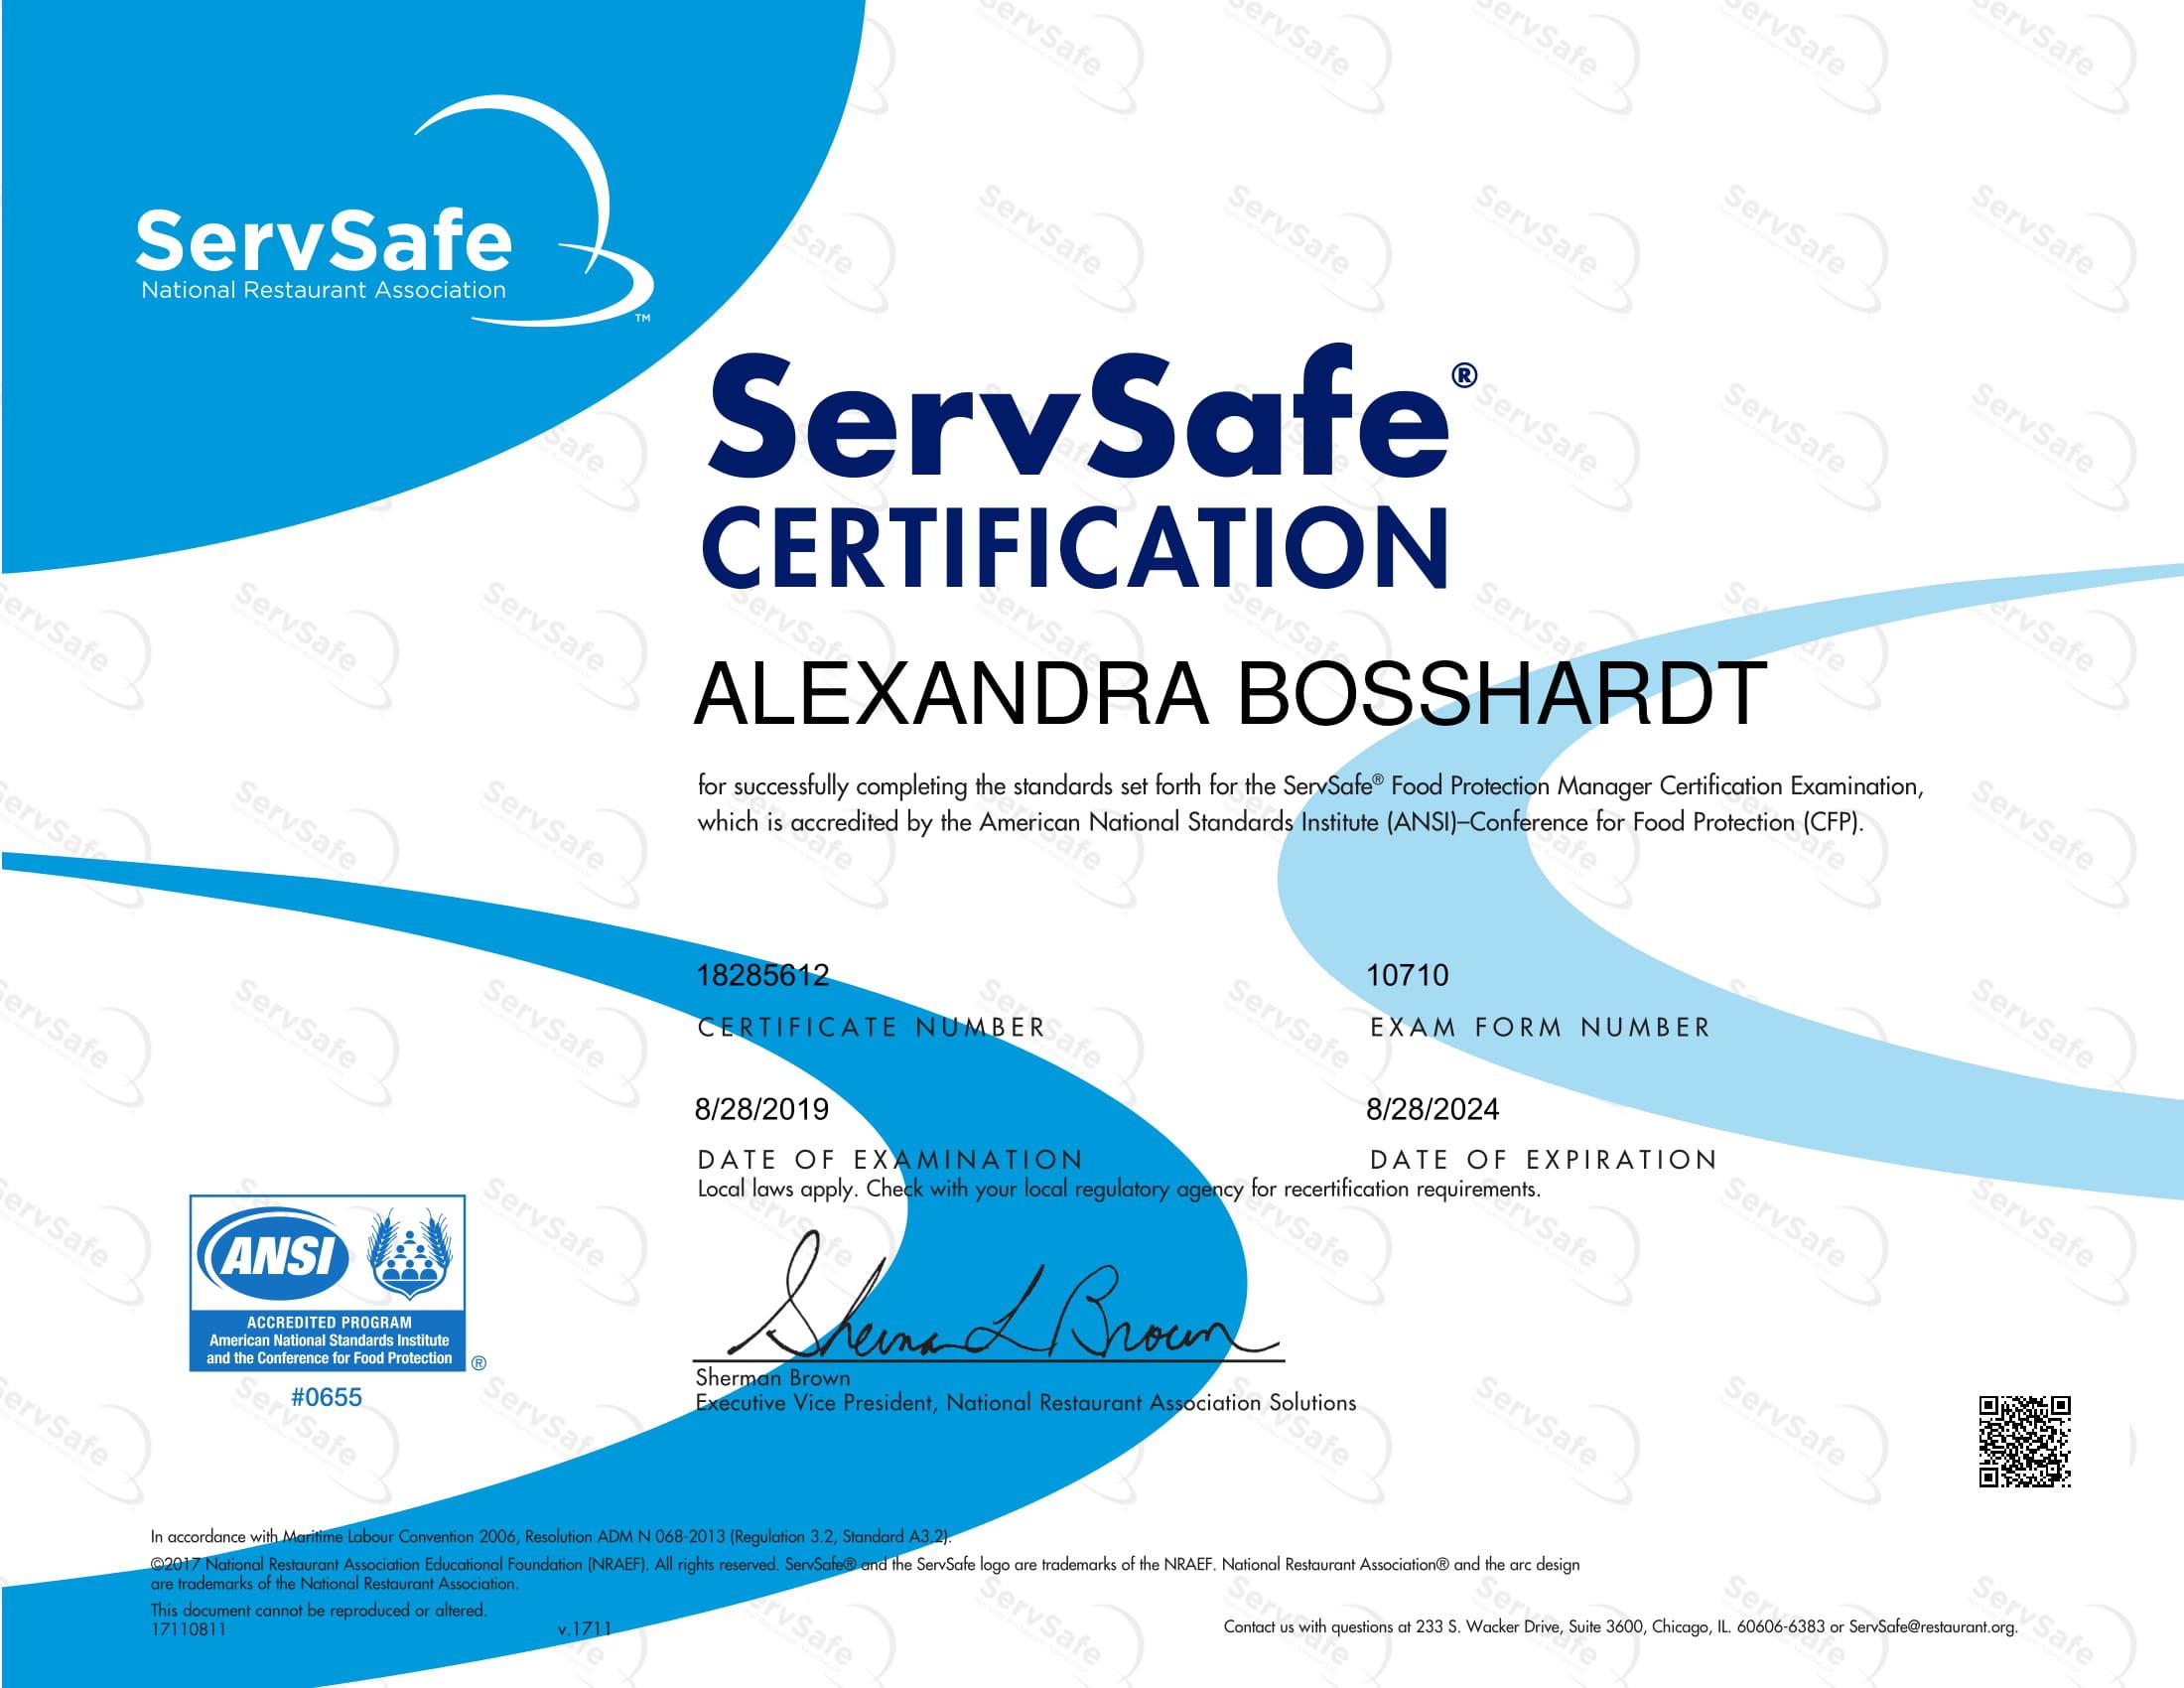 BosshardtServSafeCertification8_28_19-1-1